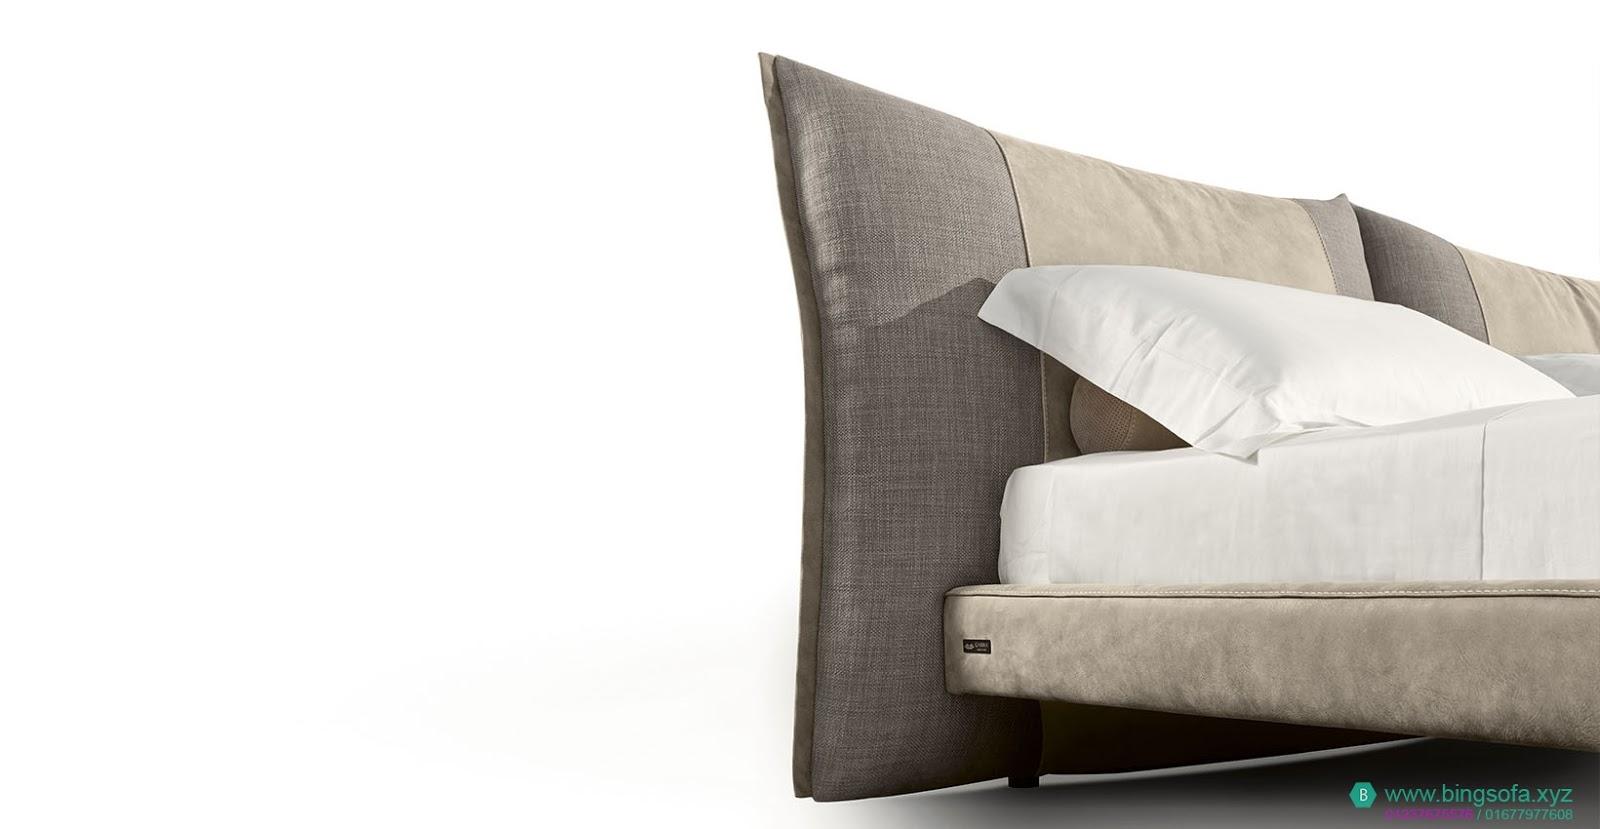 Mẫu giường bọc nỉ vải kết hợp GN26